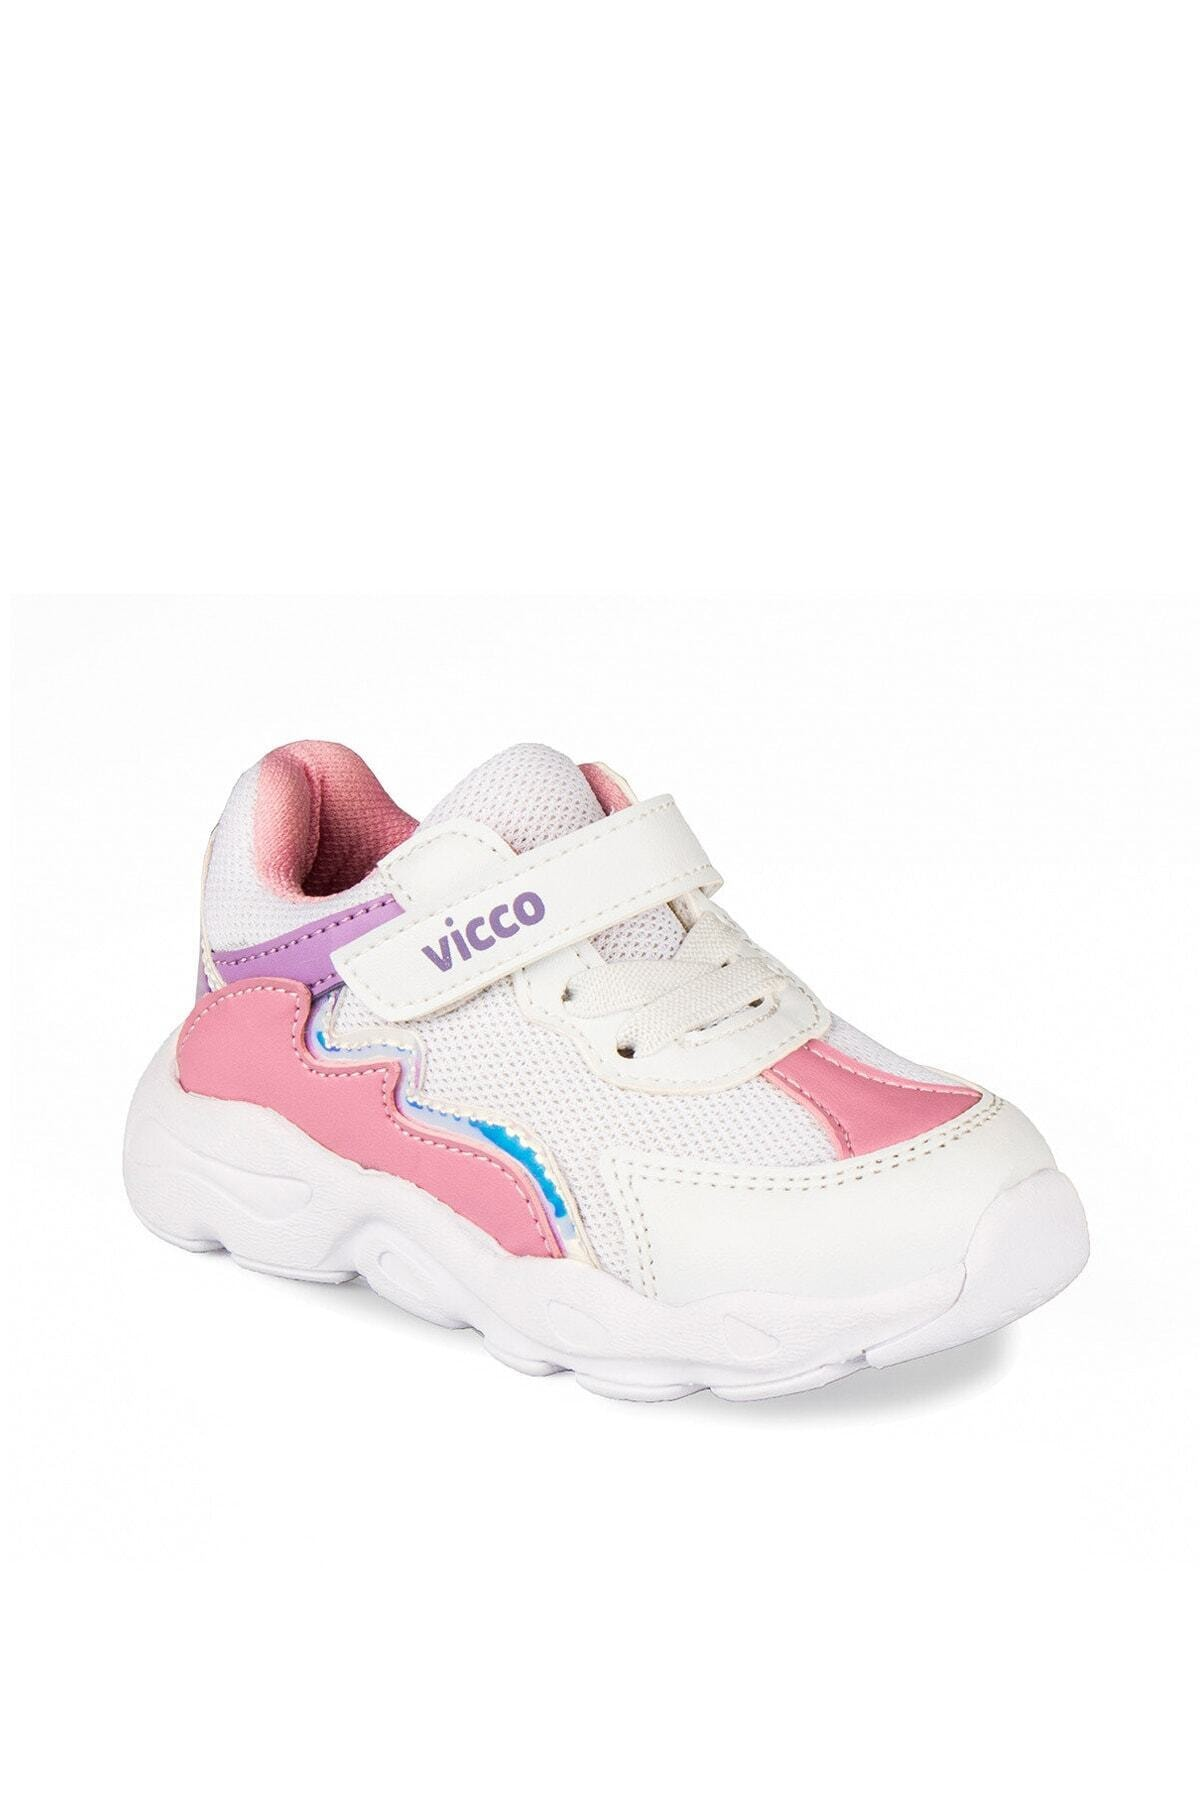 Vicco 346.P20Y.205 Beyaz Kız Çocuk Koşu Ayakkabısı 100578804 1